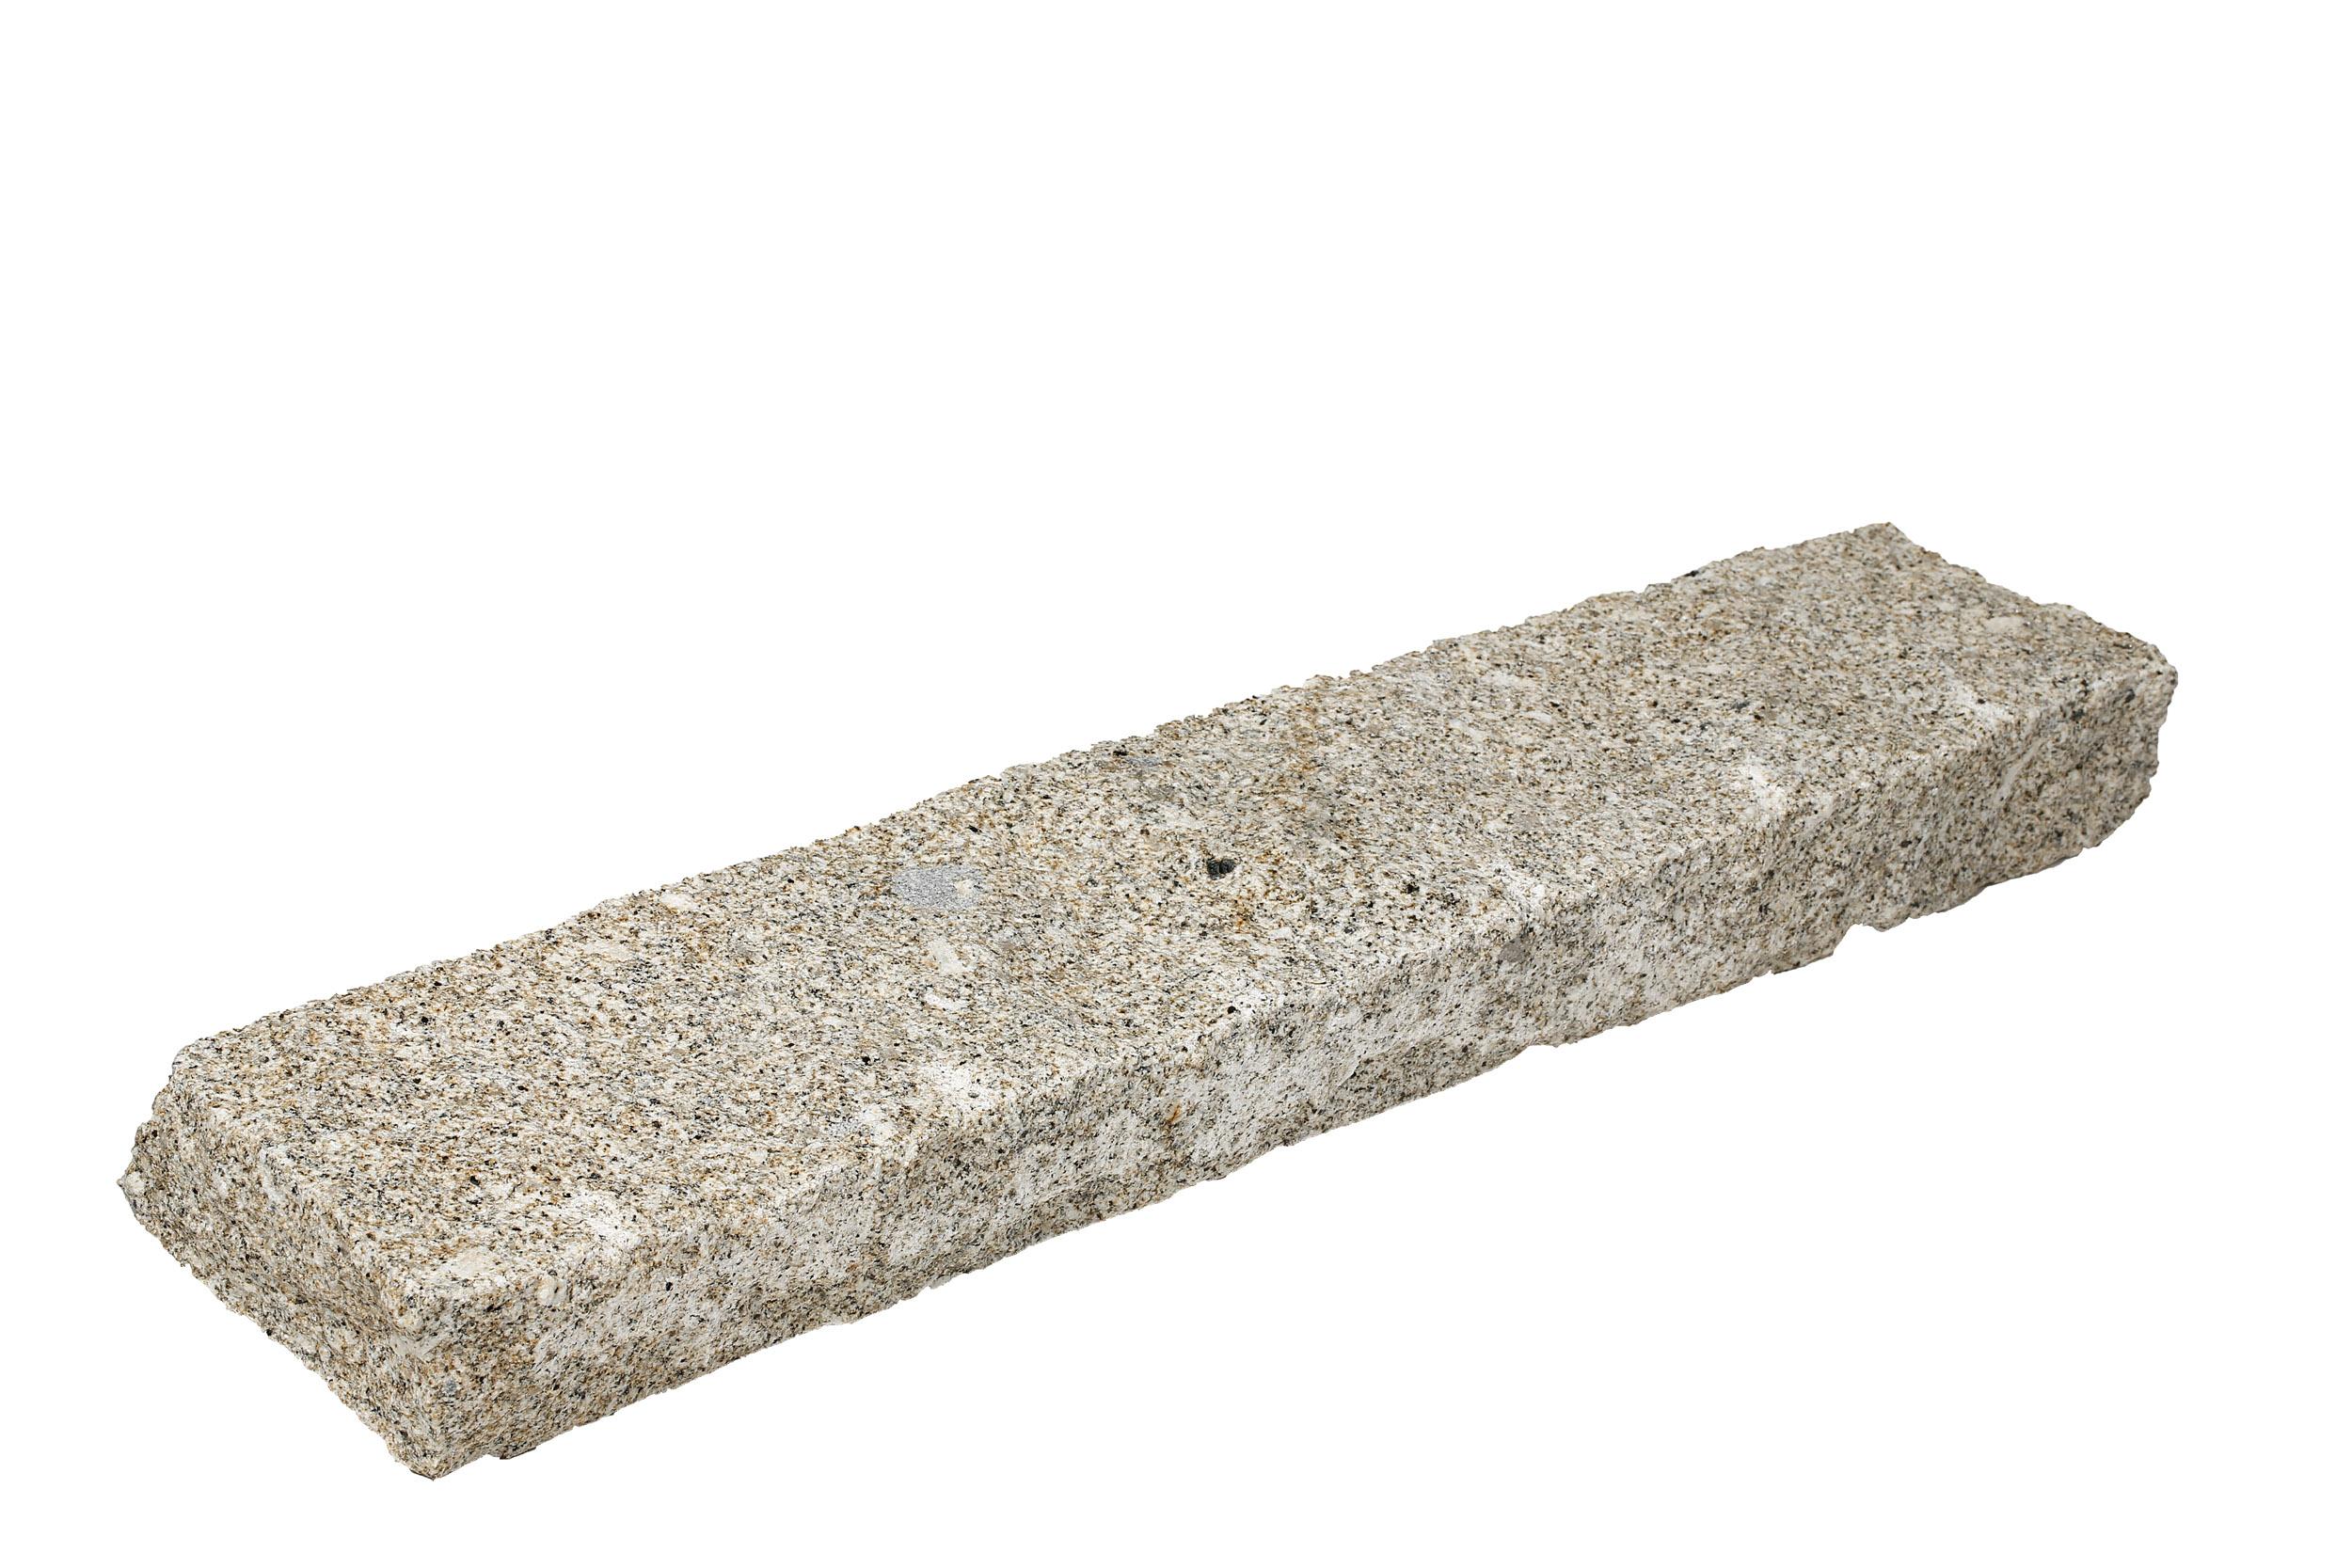 Bordure granit beige 8x15xlong libre